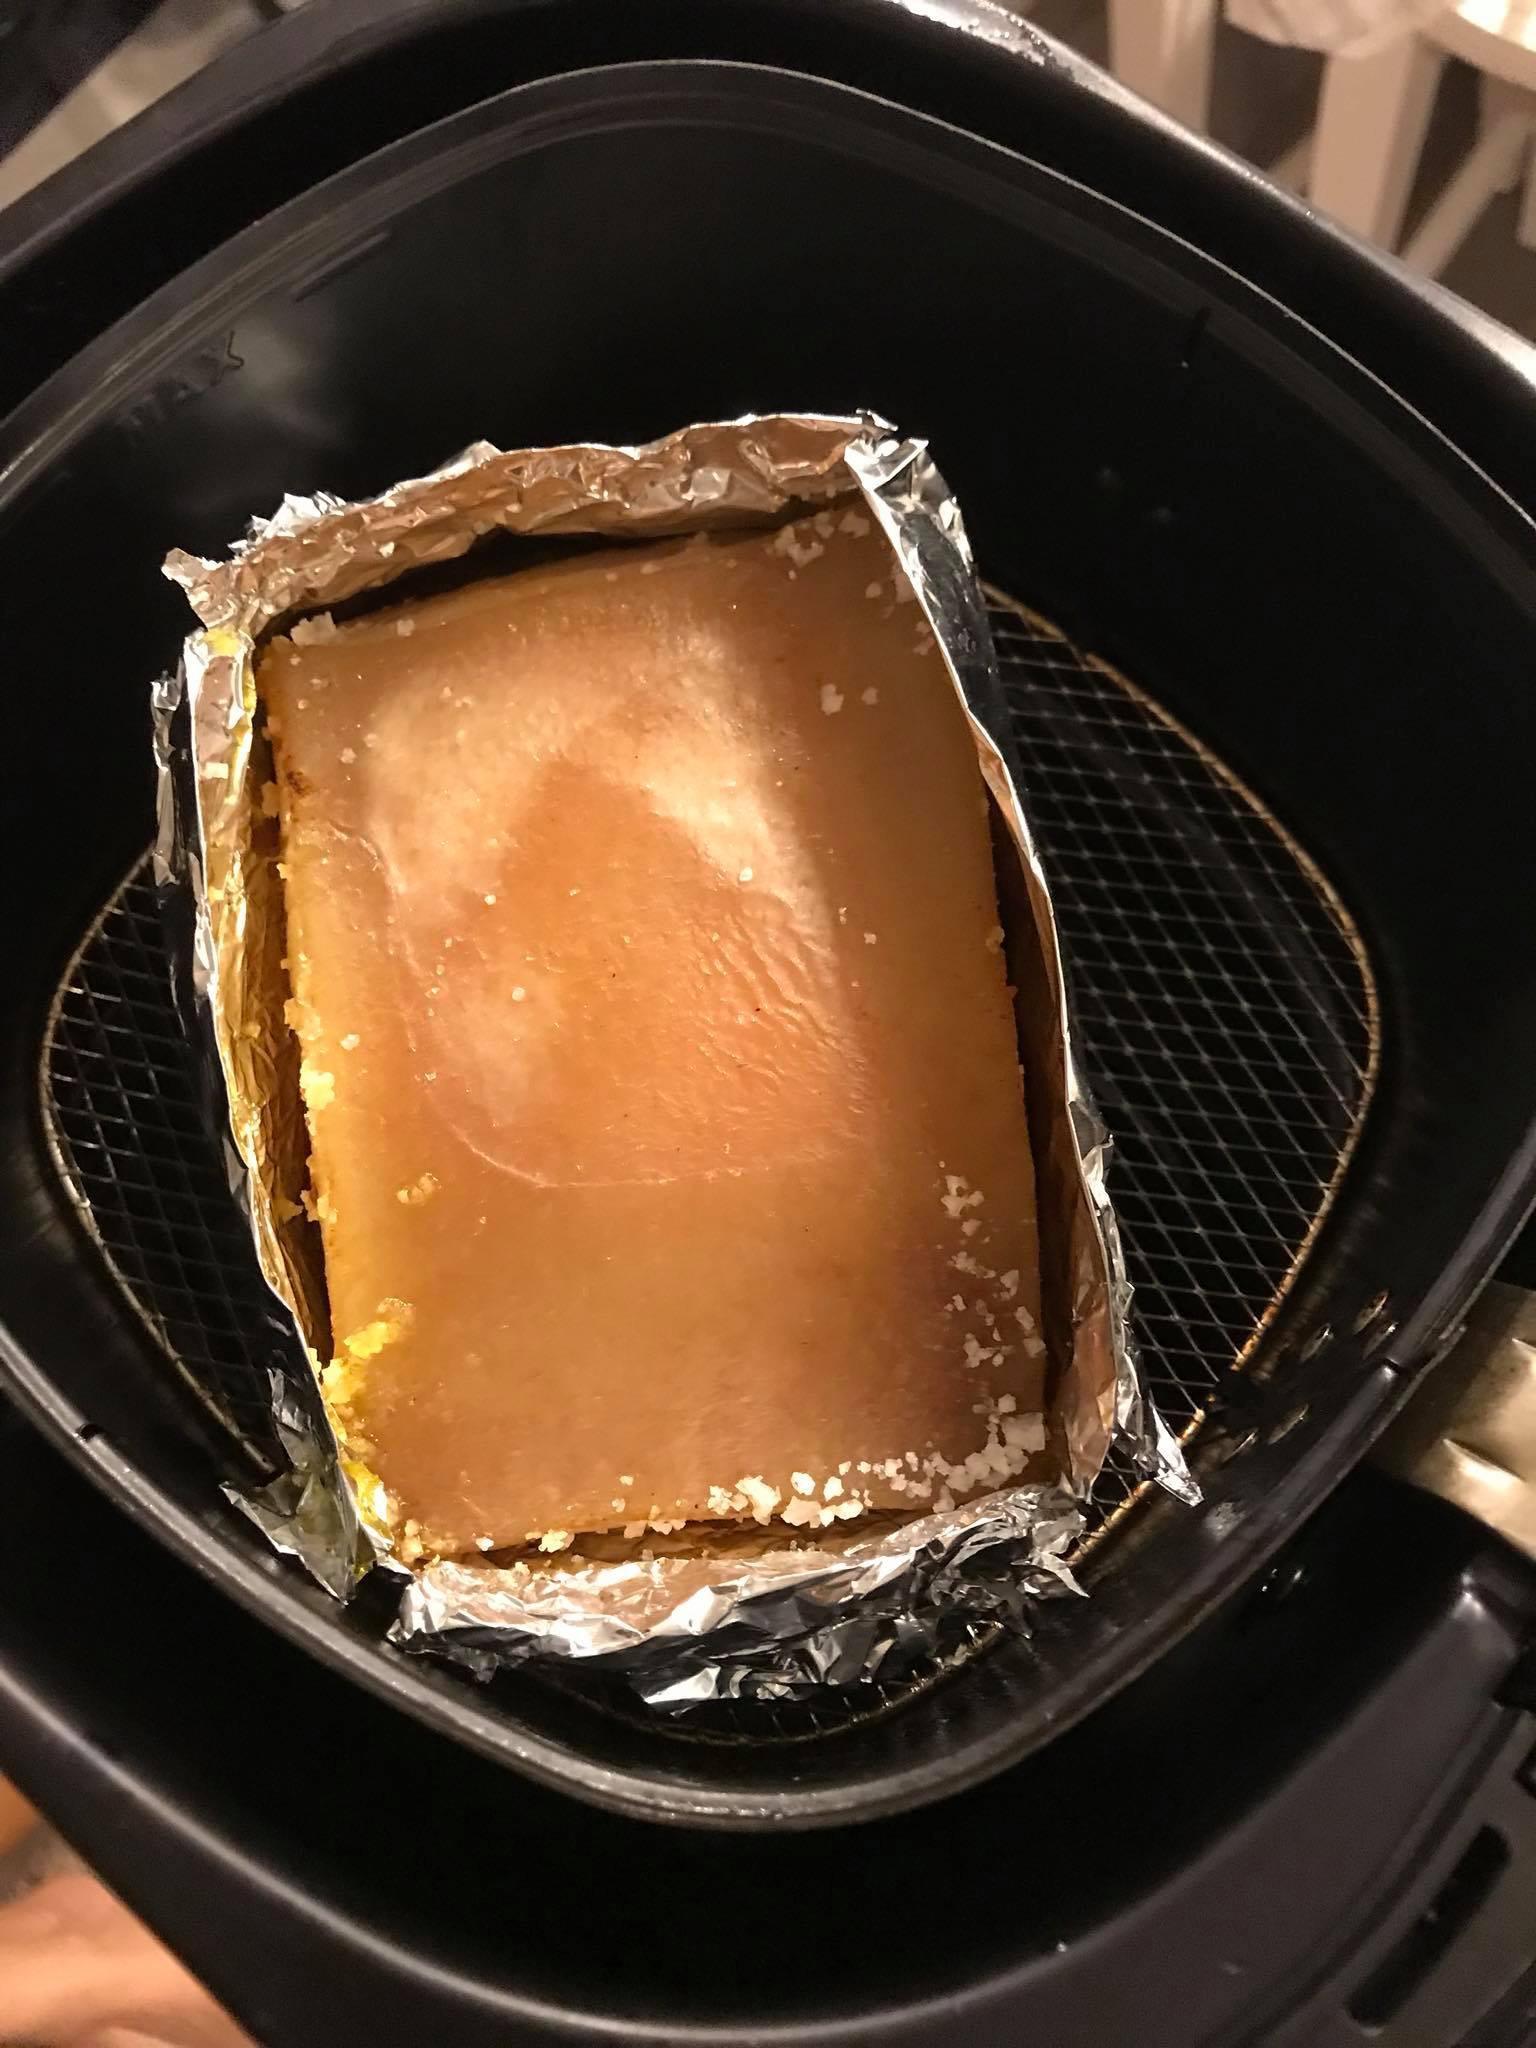 Cách làm thịt quay giòn bì bằng nồi chiên không dầu cực đơn giản 2